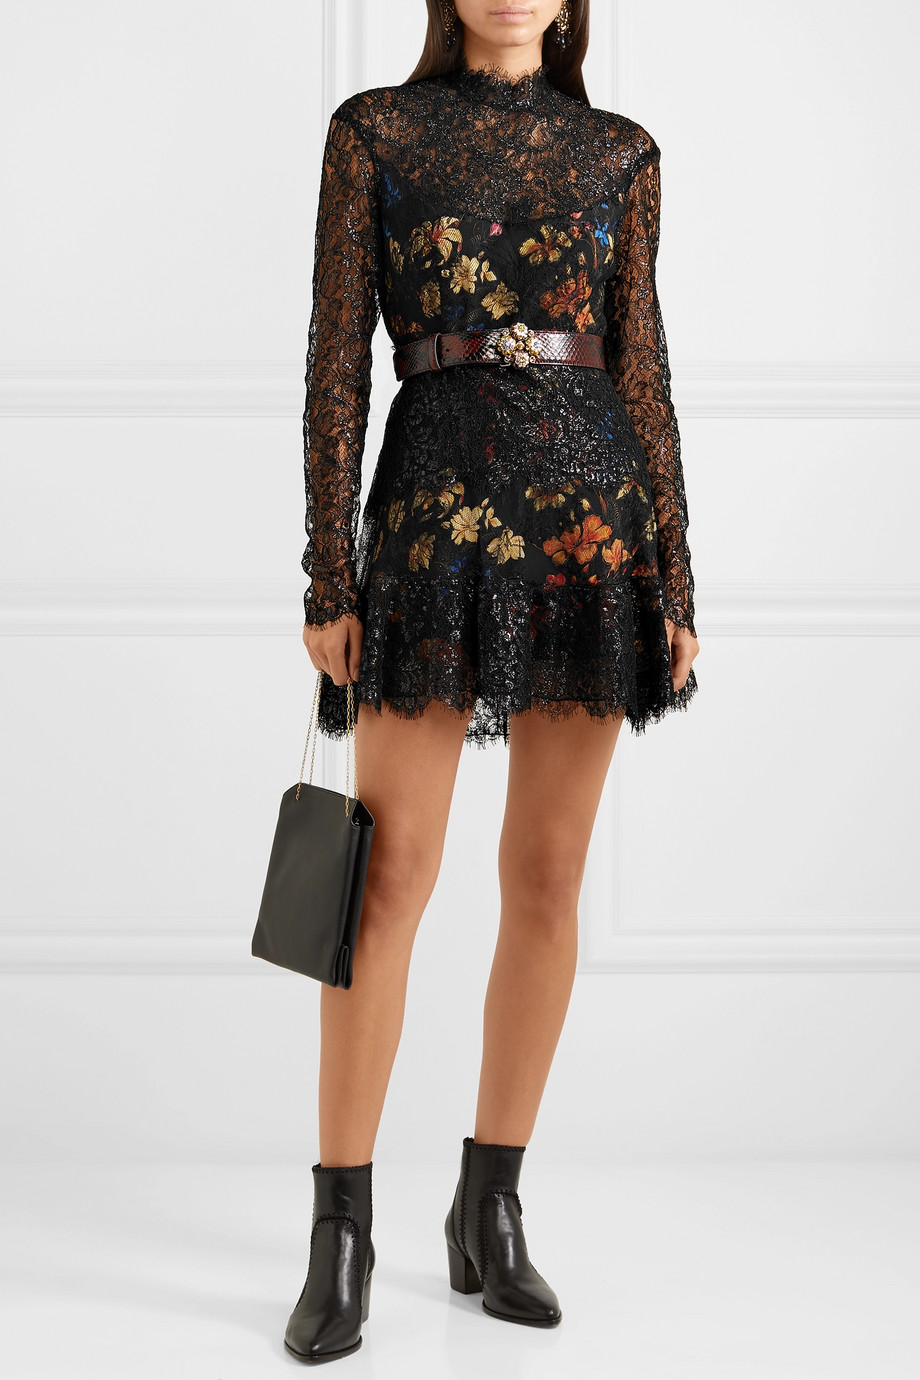 Etro Mini-robe en dentelle cordonnet métallisée et en crêpe à imprimé fleuri